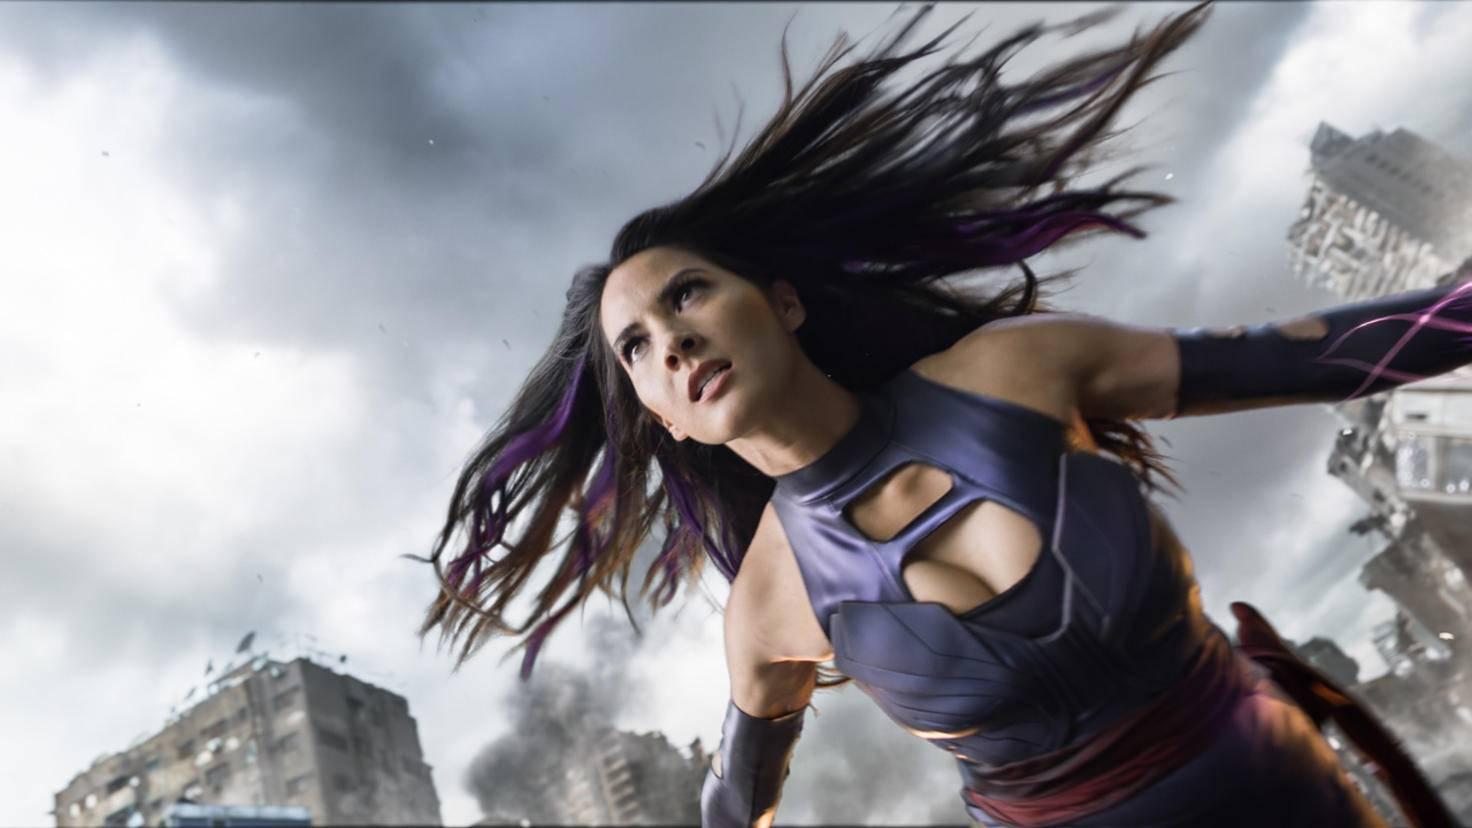 """Bei """"Deadpool"""" wollte sie nicht, bei X-Men"""" schon: Olivia Munn als Mutantin Psylocke."""